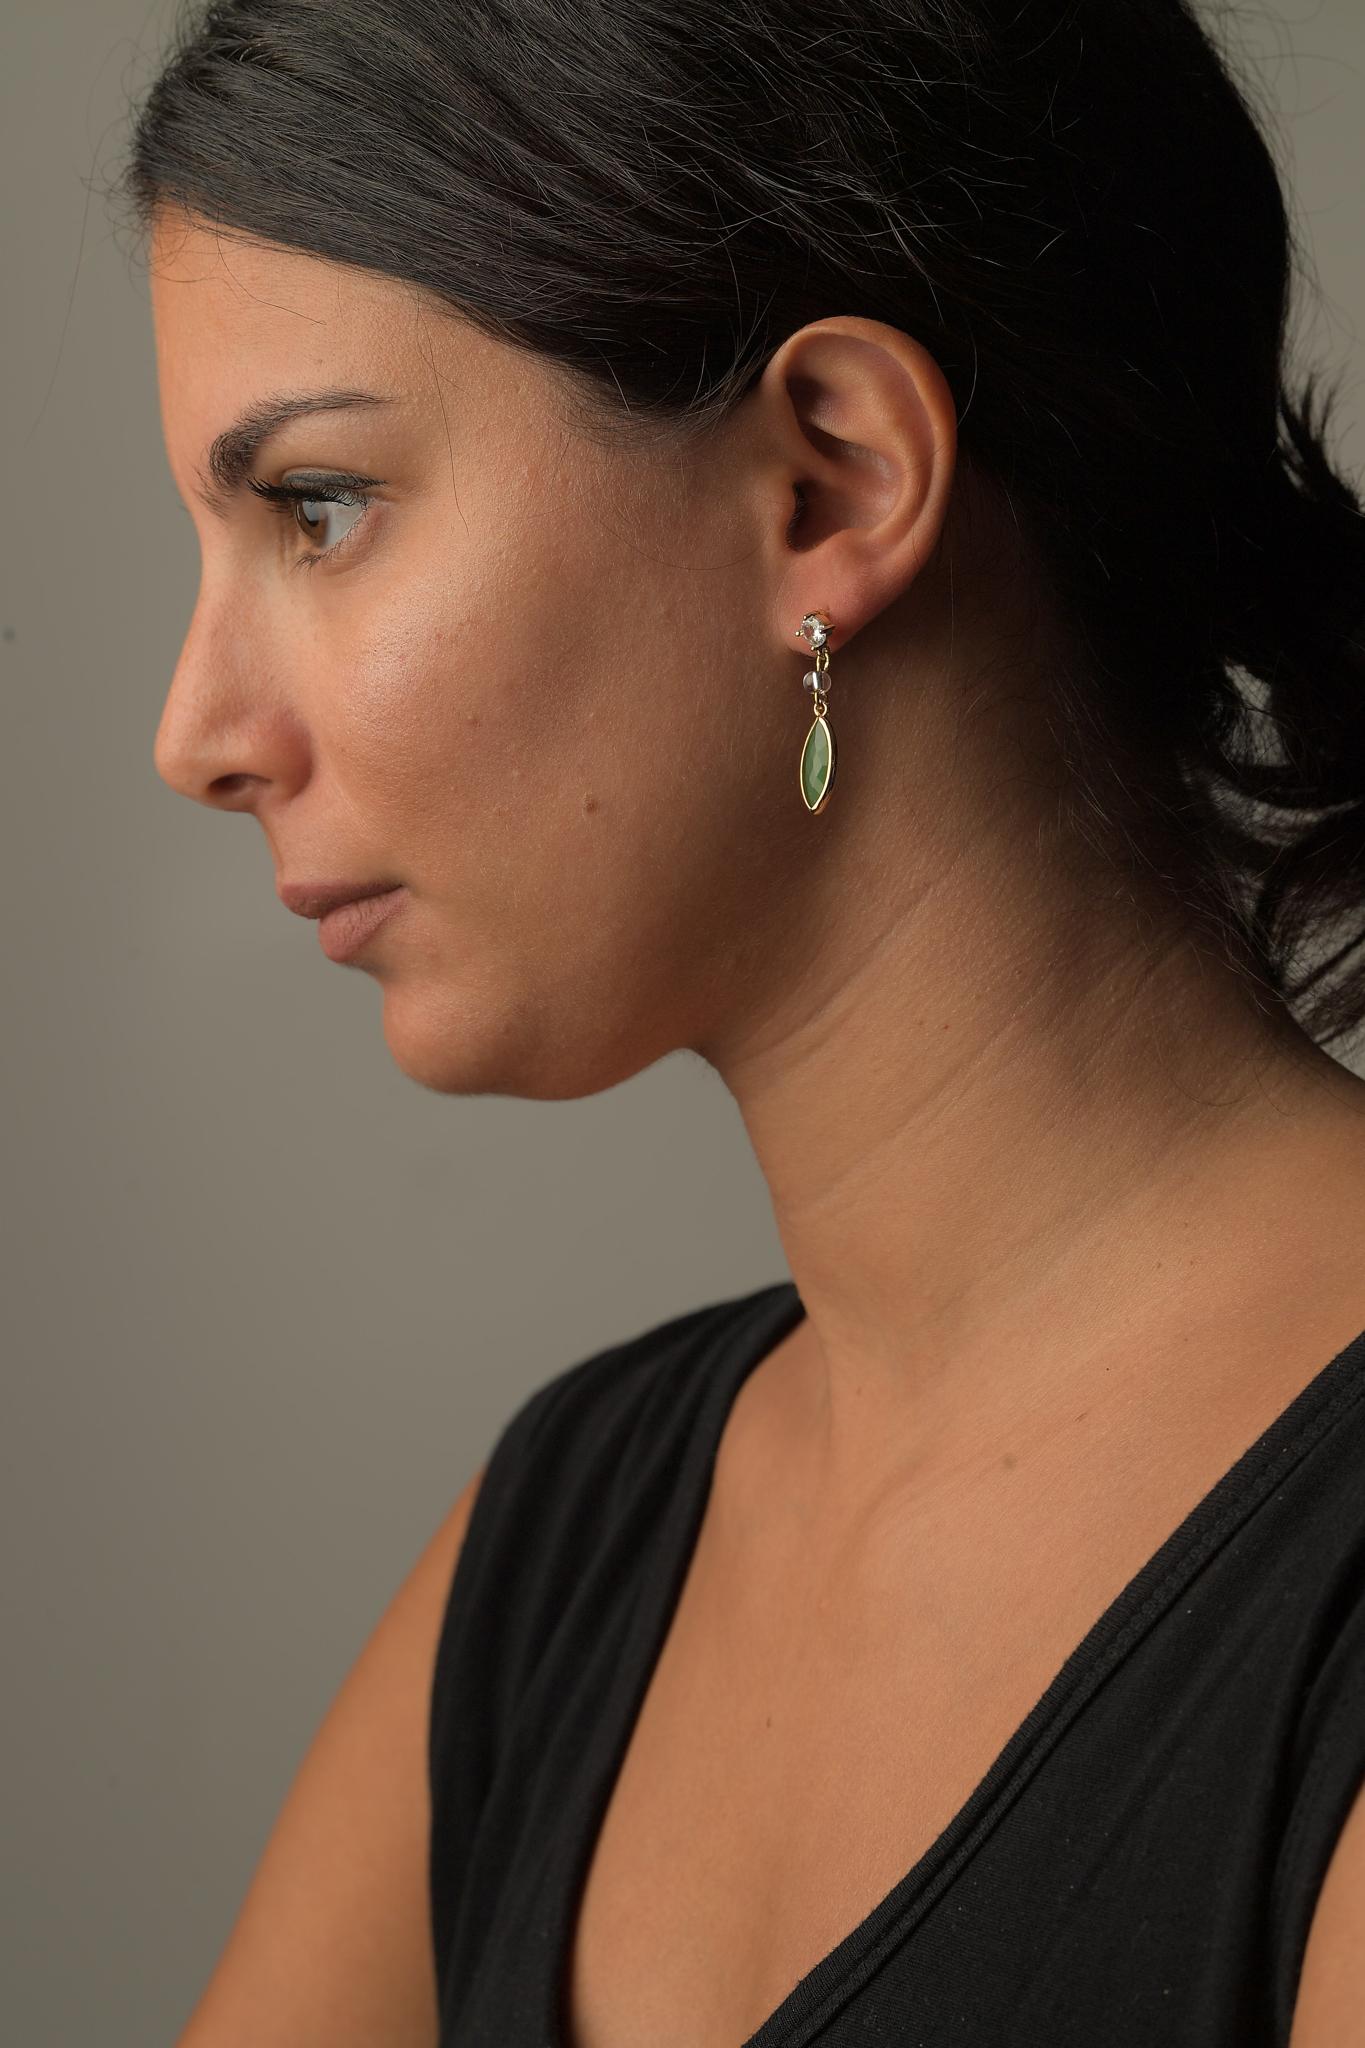 Σκουλαρίκια Γυάλινη Σταγόνα